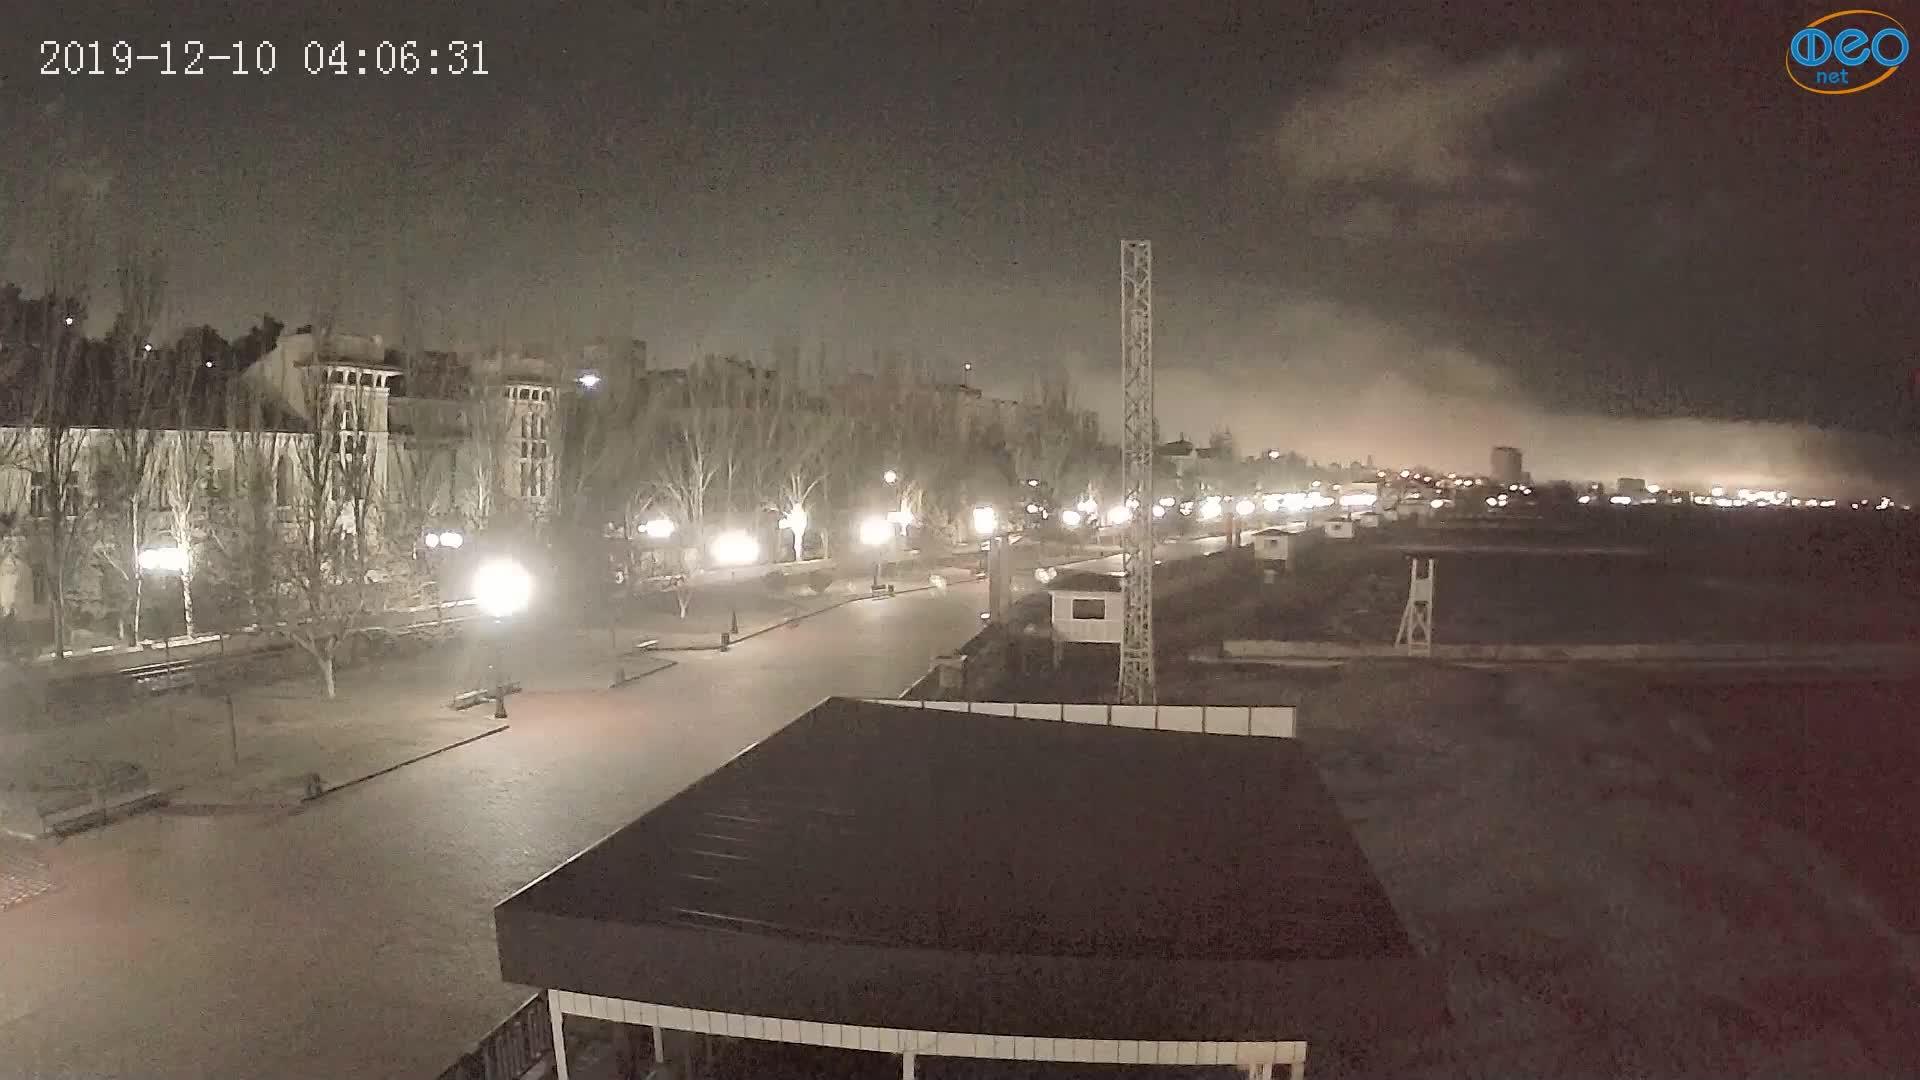 Веб-камеры Феодосии, Пляж Камешки, 2019-12-10 04:06:55